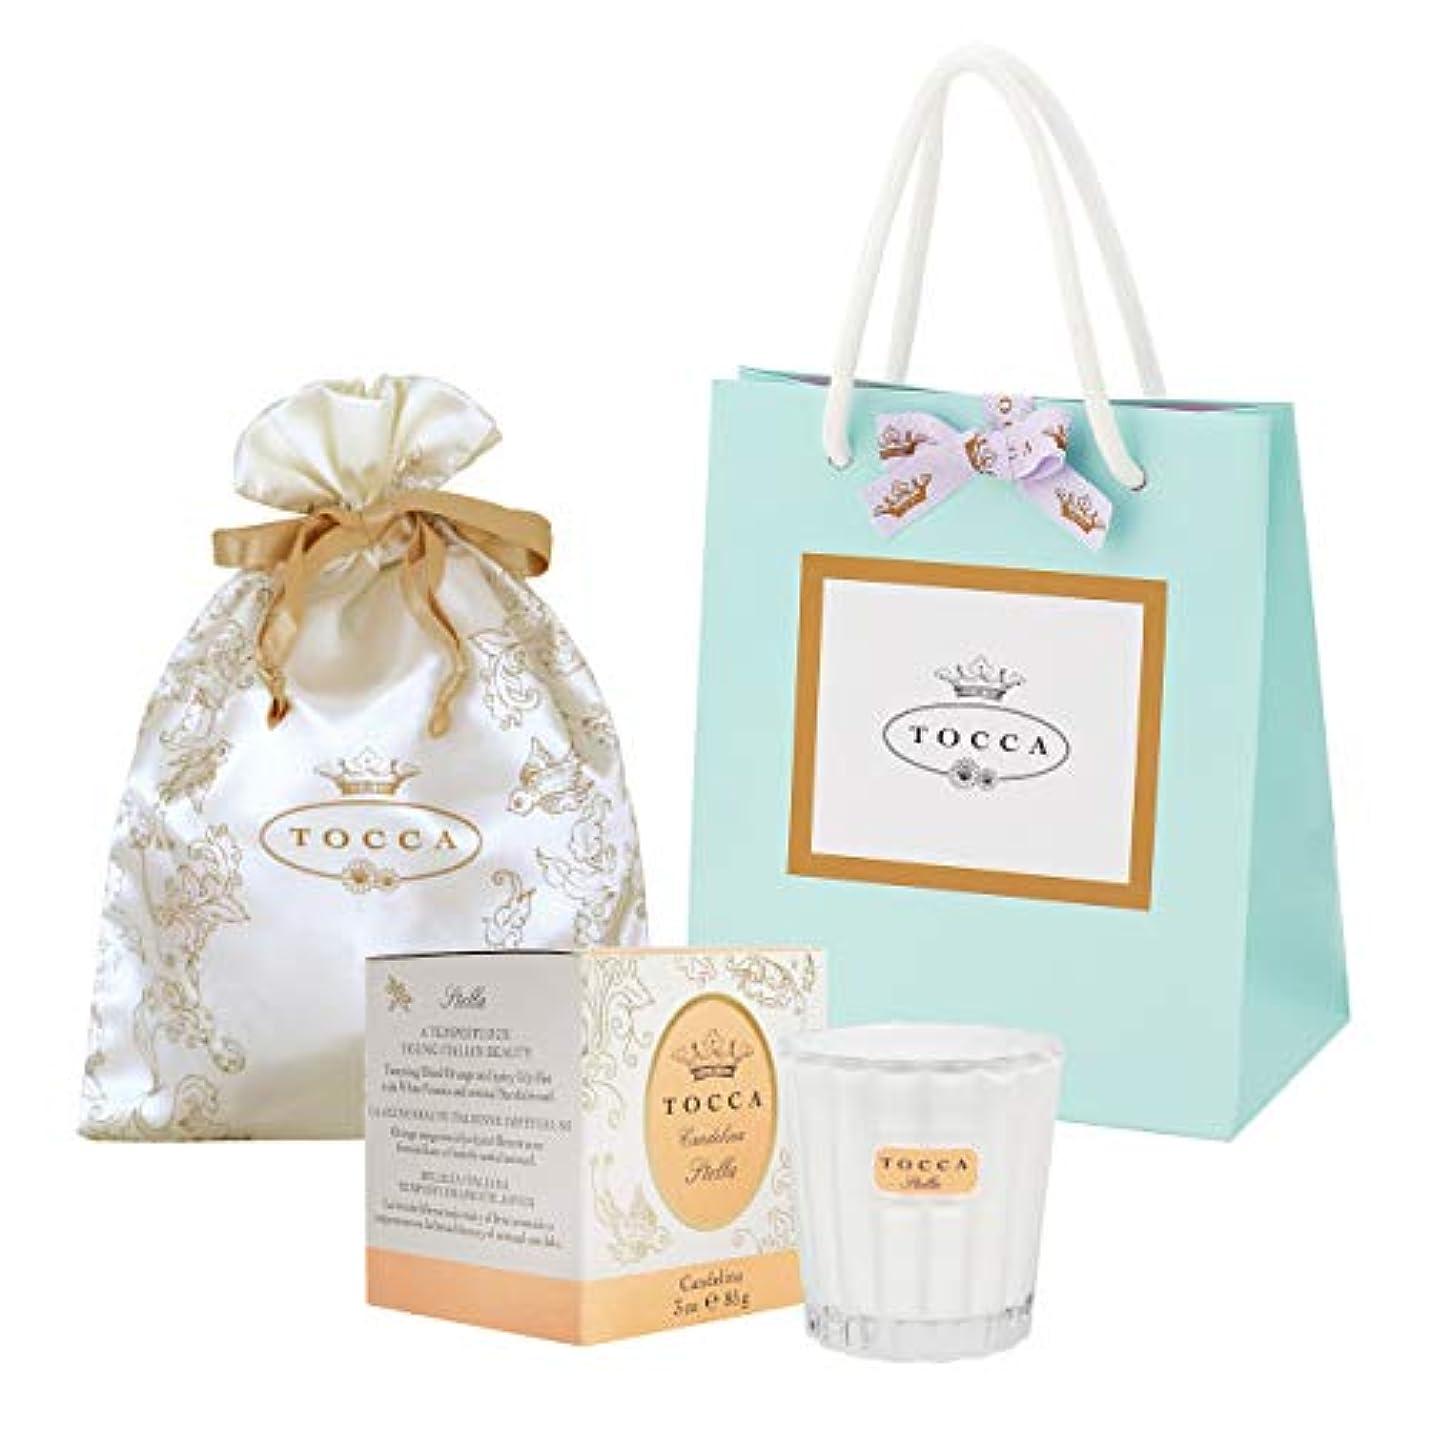 支出花に水をやるびんトッカ(TOCCA) キャンデリーナ ステラの香り 約85g 巾着&ショッパー付 (キャンドル ろうそく ギフト 手提袋付 フレッシュでビターな香り)